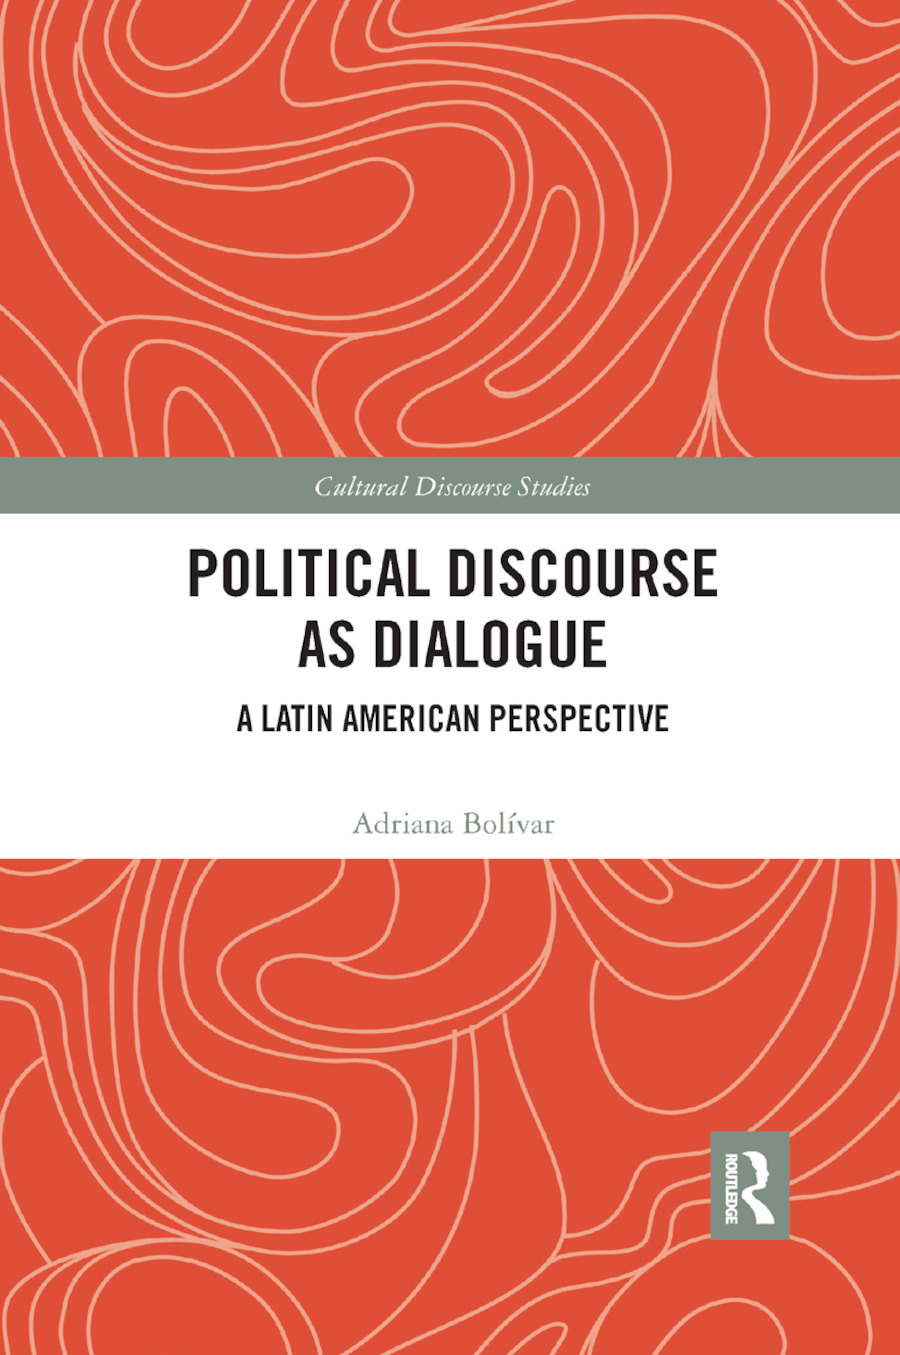 Political Discourse as Dialogue